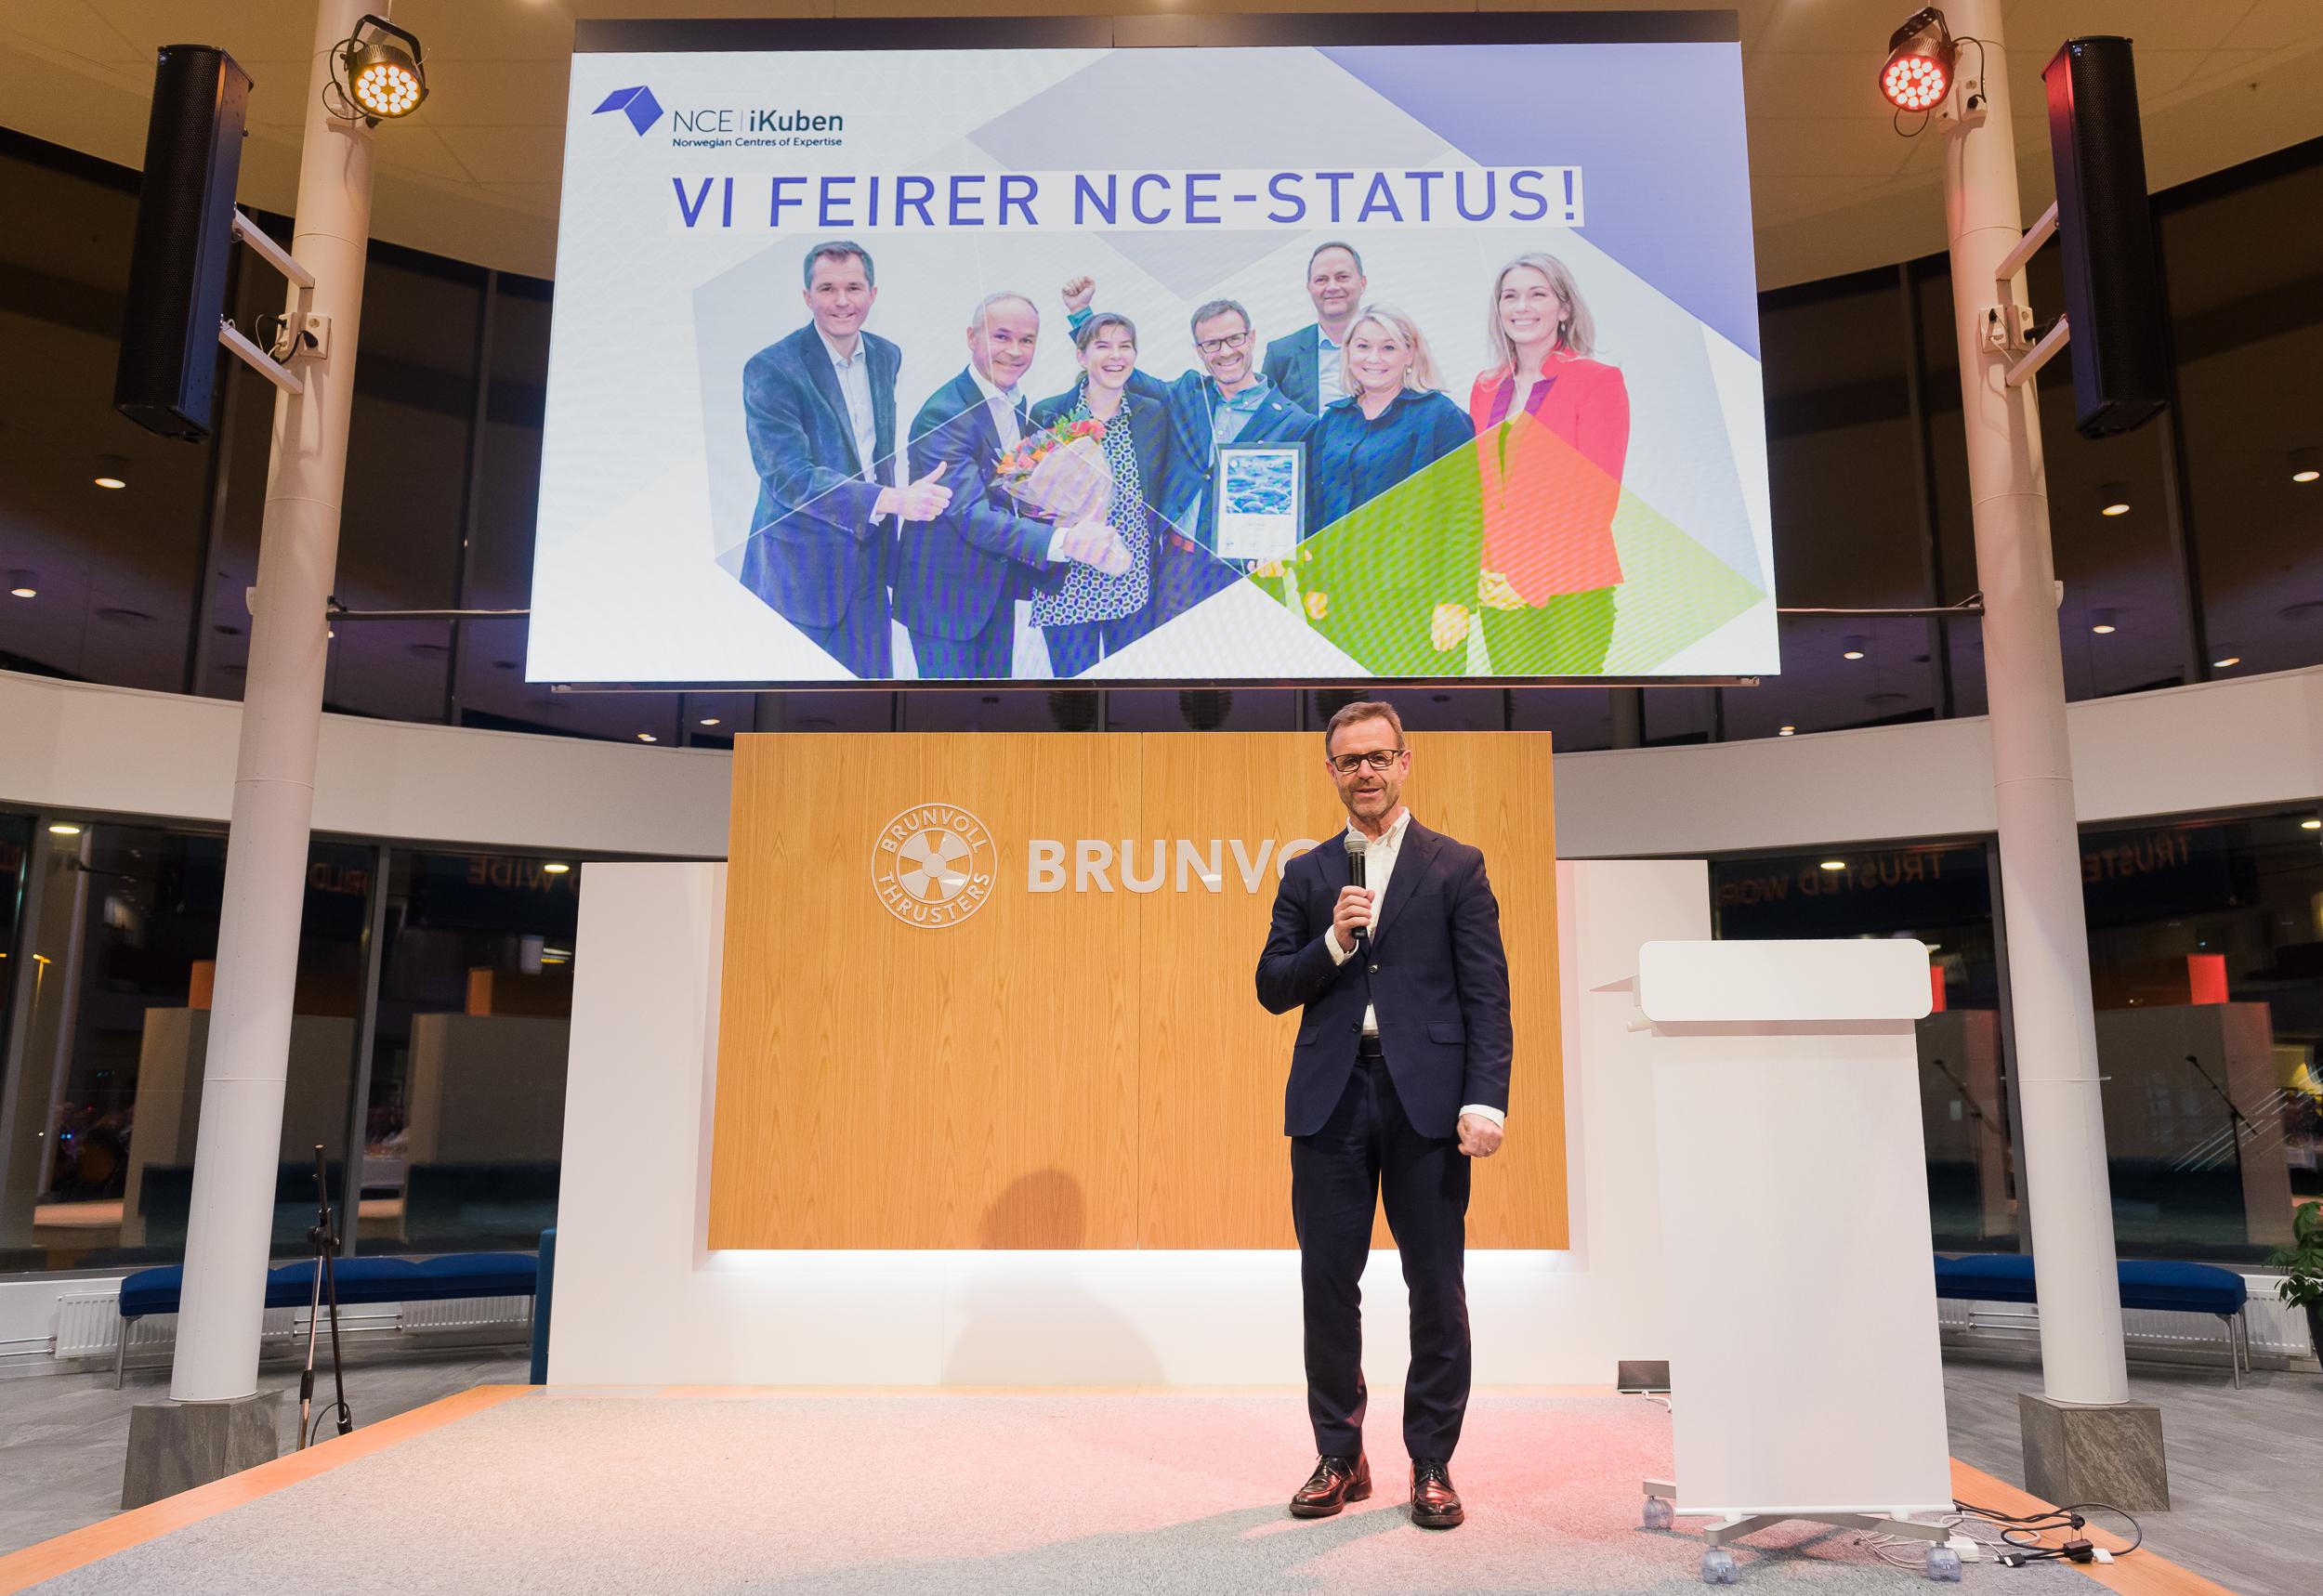 Styreleder Odd Tore Finnøy presenterte i 2017 en stor milepæl: Status som Norwegian Centre of Expertise i 2017.